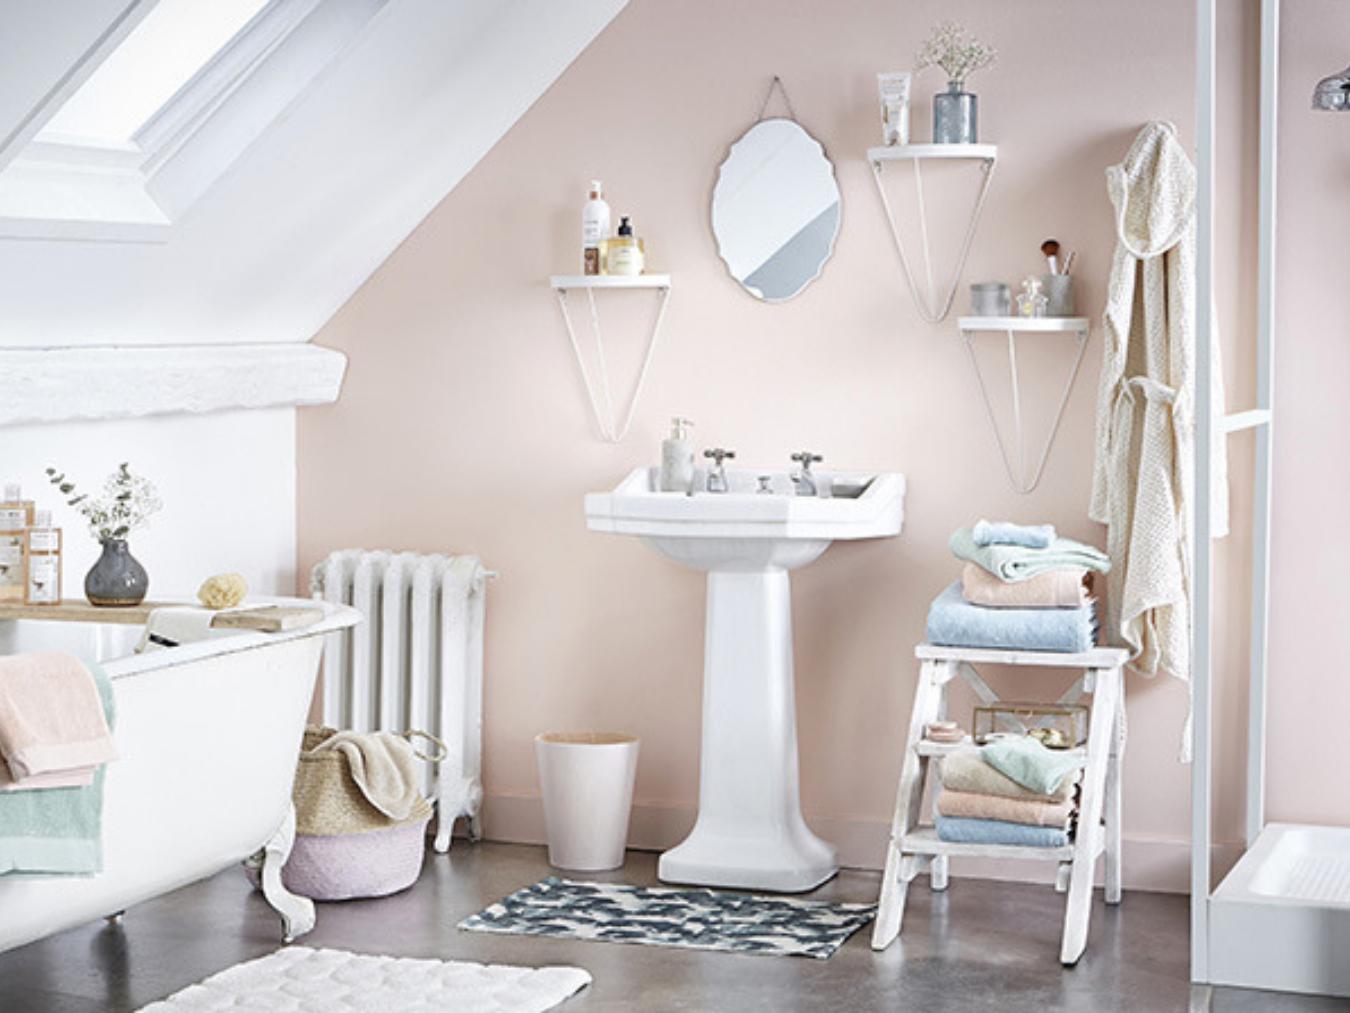 Amenagement Petite Salle De Bain Wc 10 astuces pour aménager une petite salle de bain ! - kozikaza